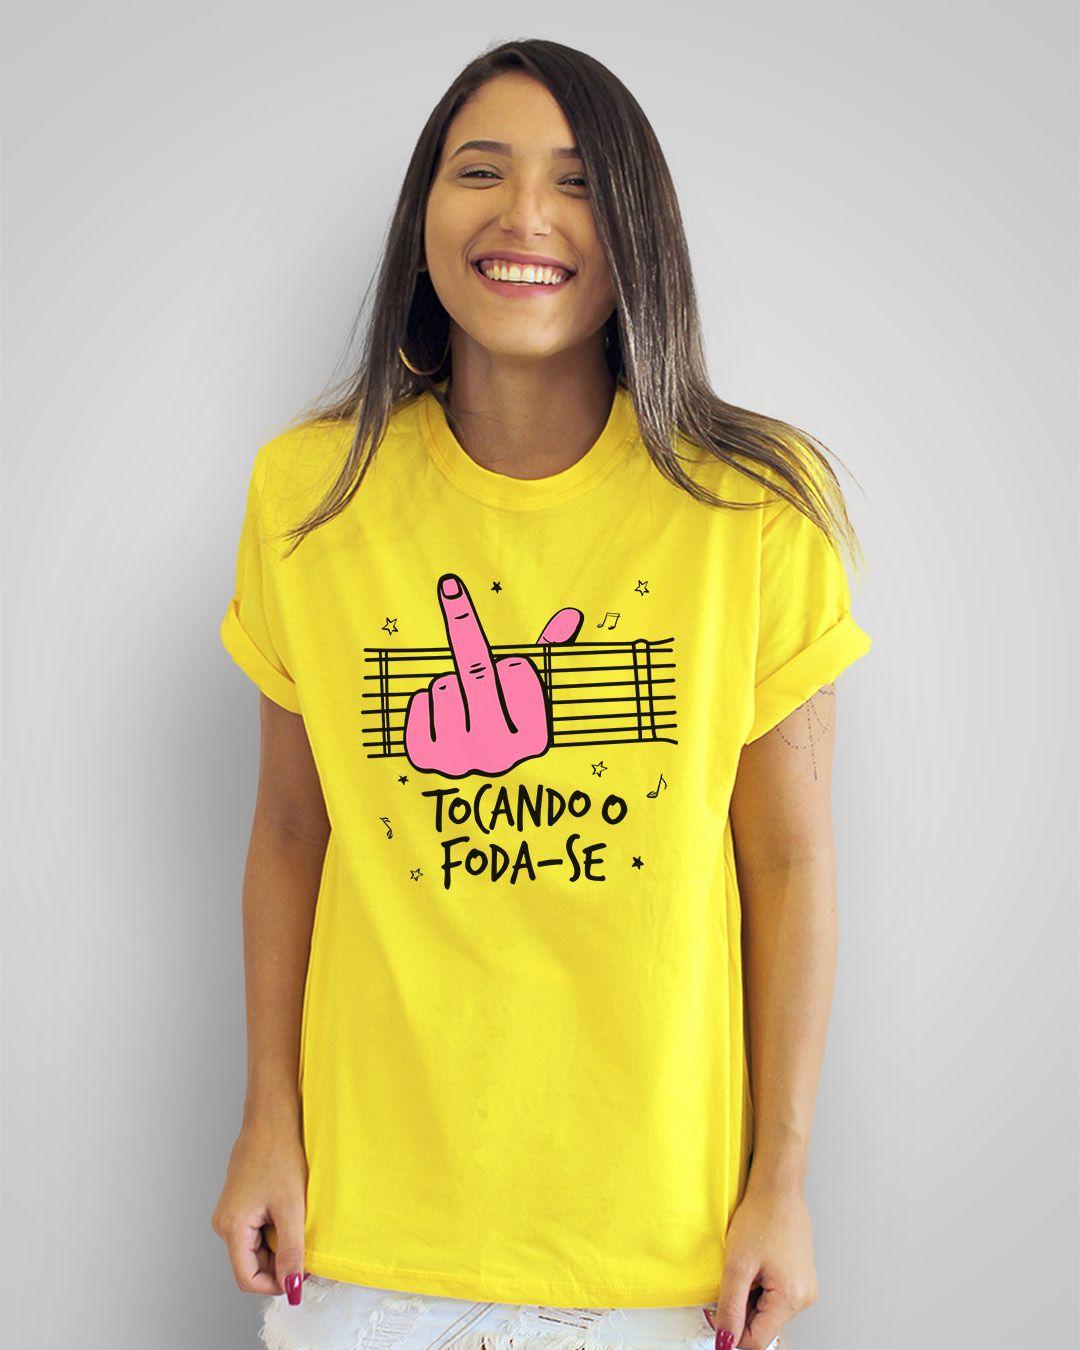 Camiseta Tocando o foda-se